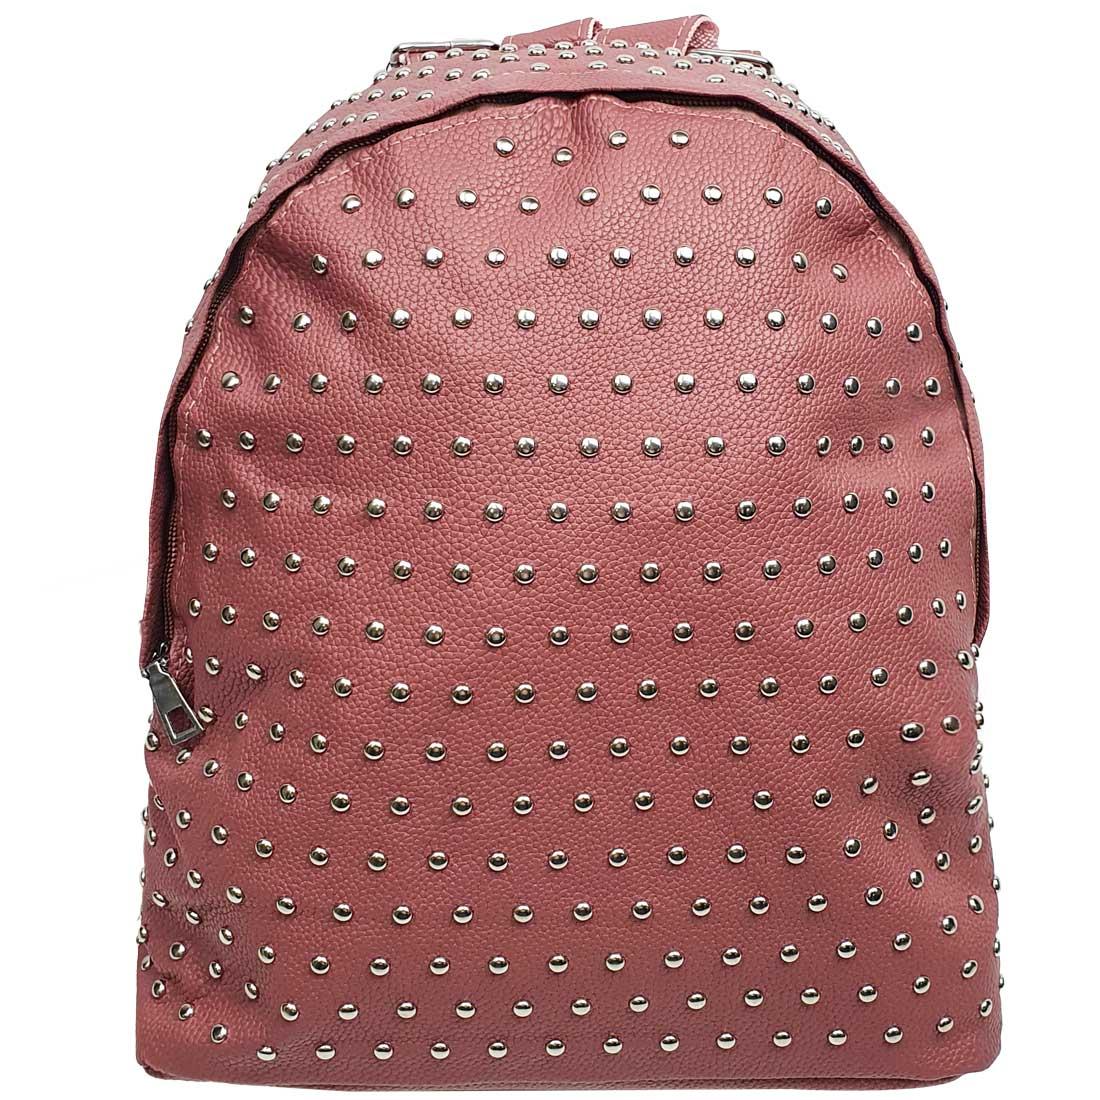 Mochila com Bolinhas em Metal - Rosé